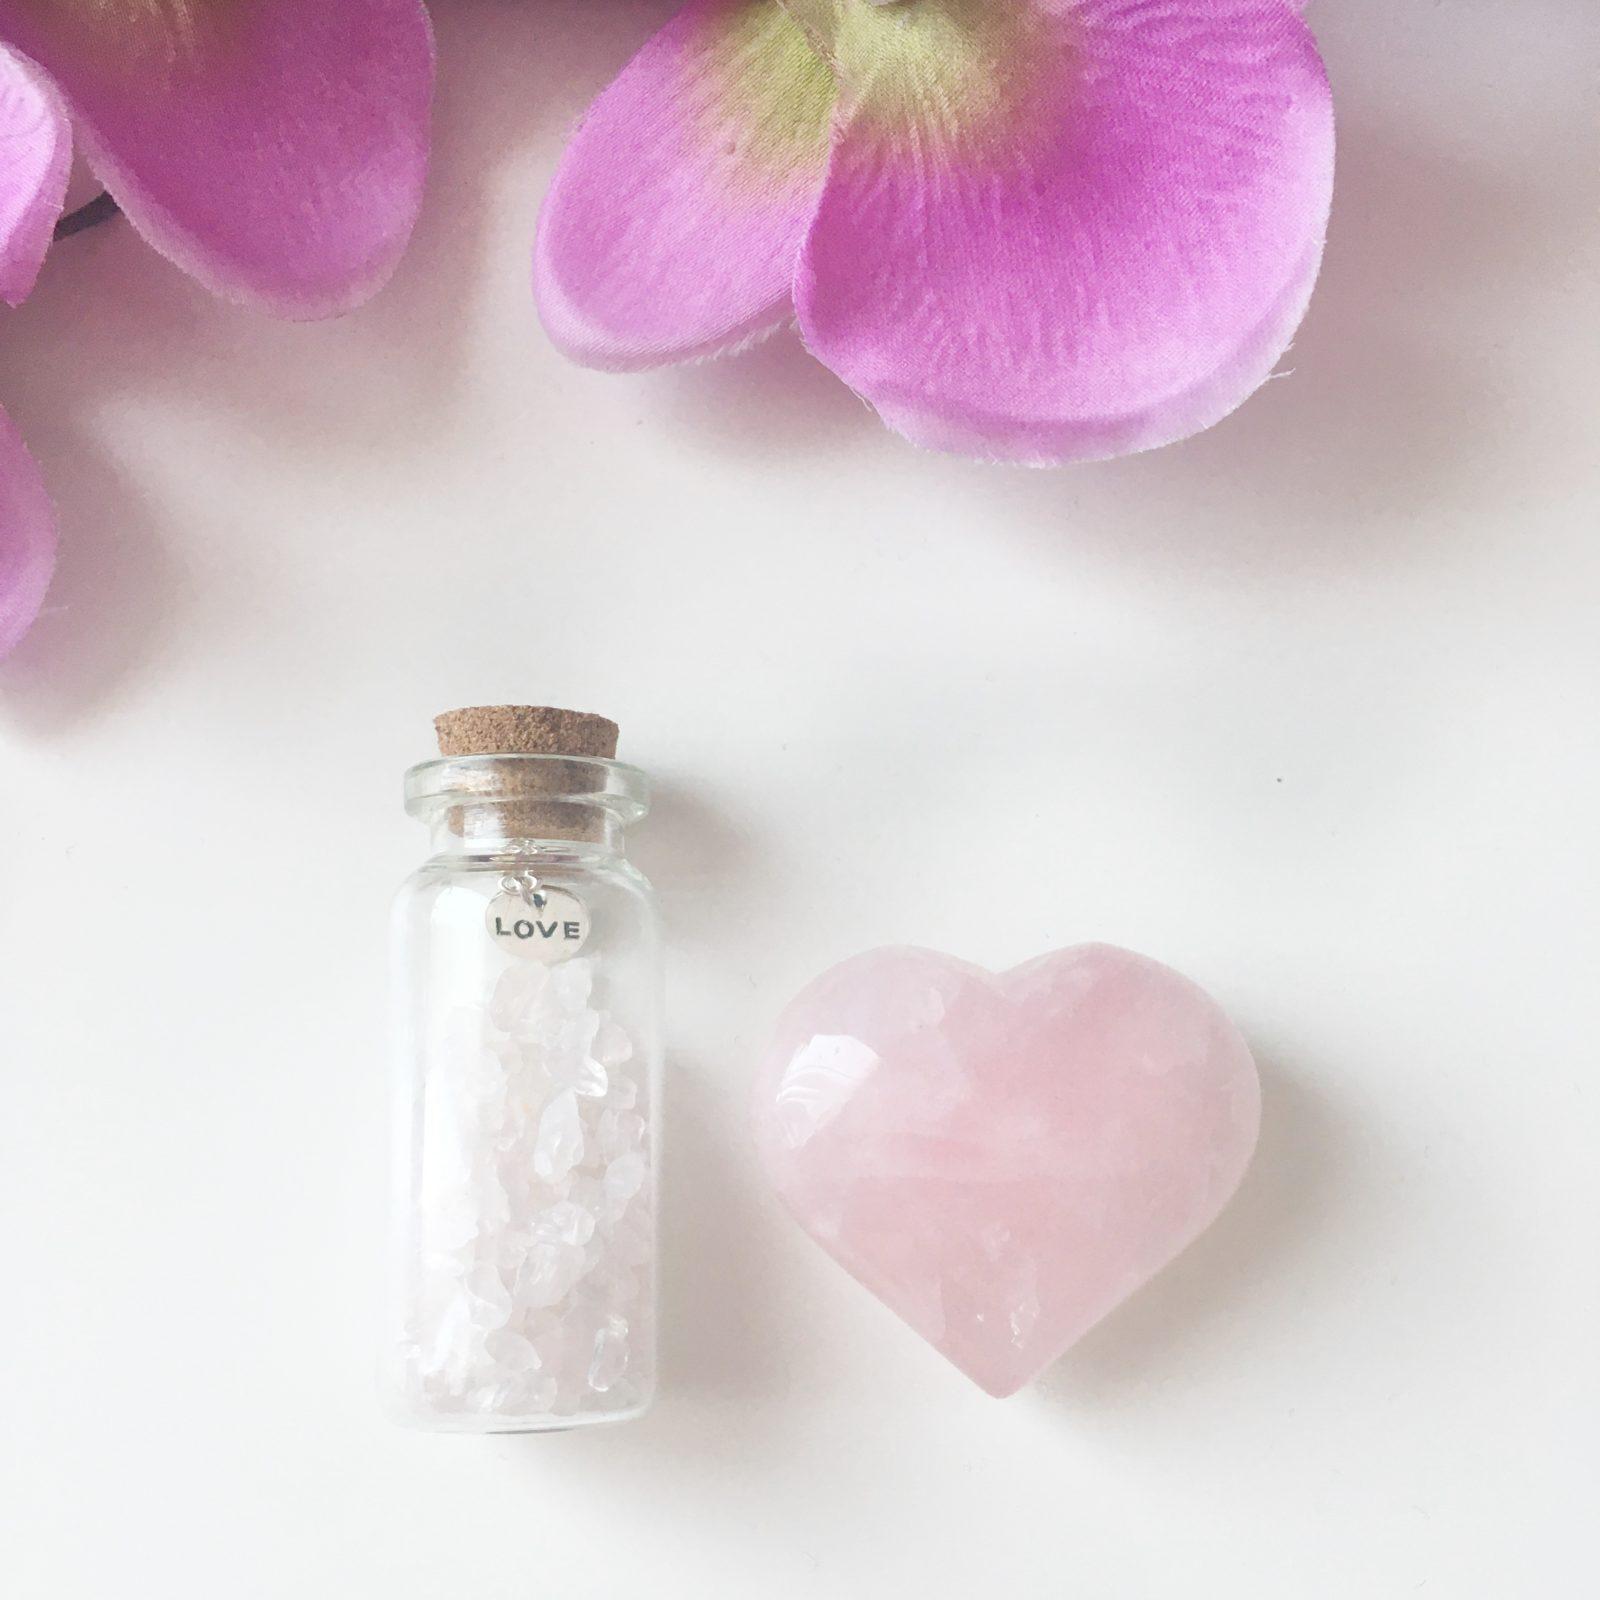 Liefde (zelf) amulet flesje - Rozenkwarts